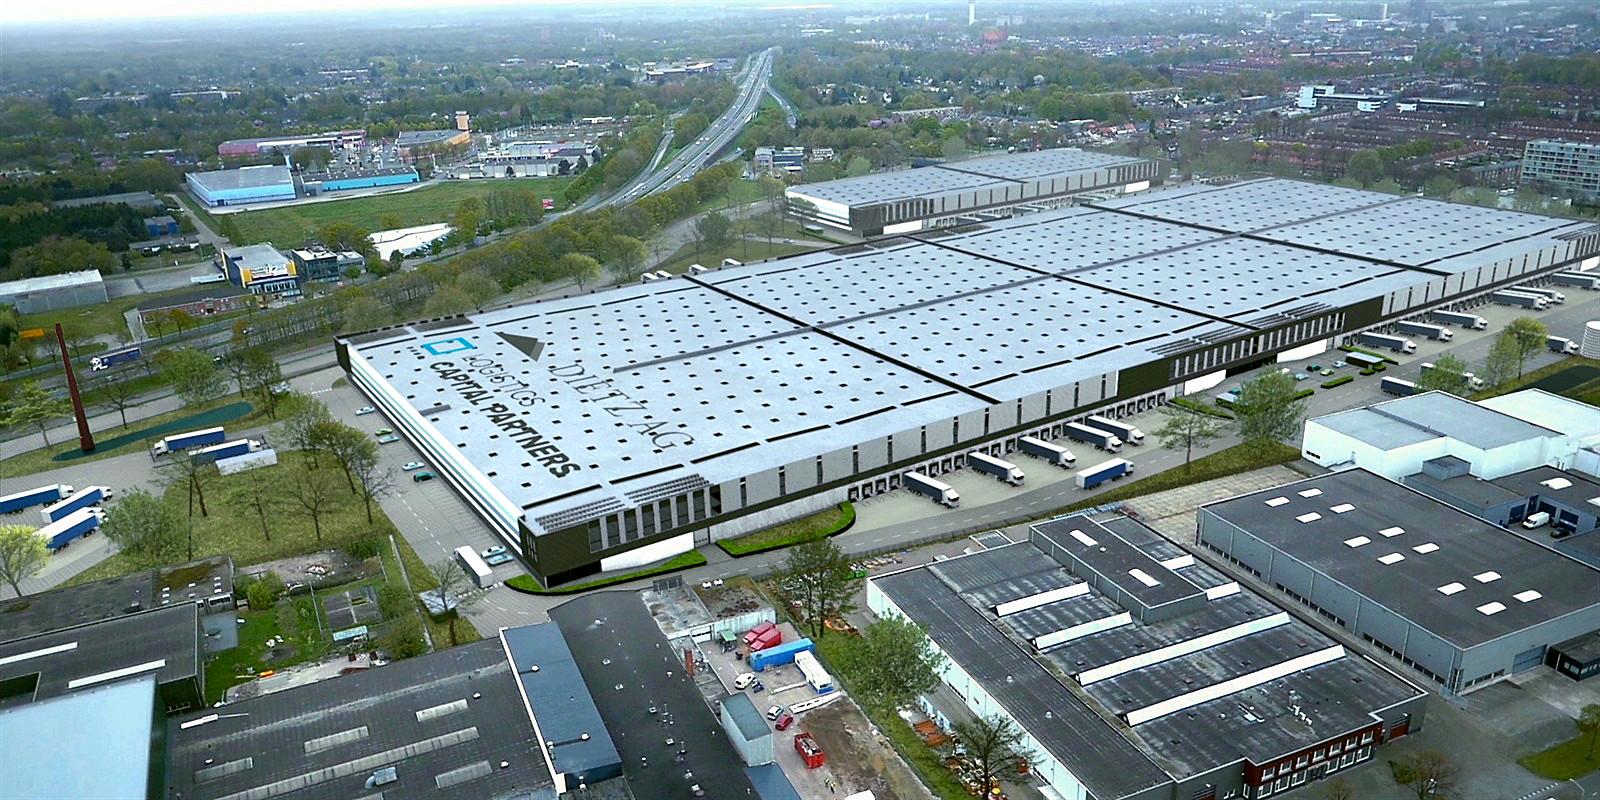 Campus A58 moet met een oppervlakte van ruim 100.000 vierkante meter het grootste distributiecentrum van Zuidwest Nederland worden. Er is nog altijd niet bekend wie er in het enorme centrum gaat komen.